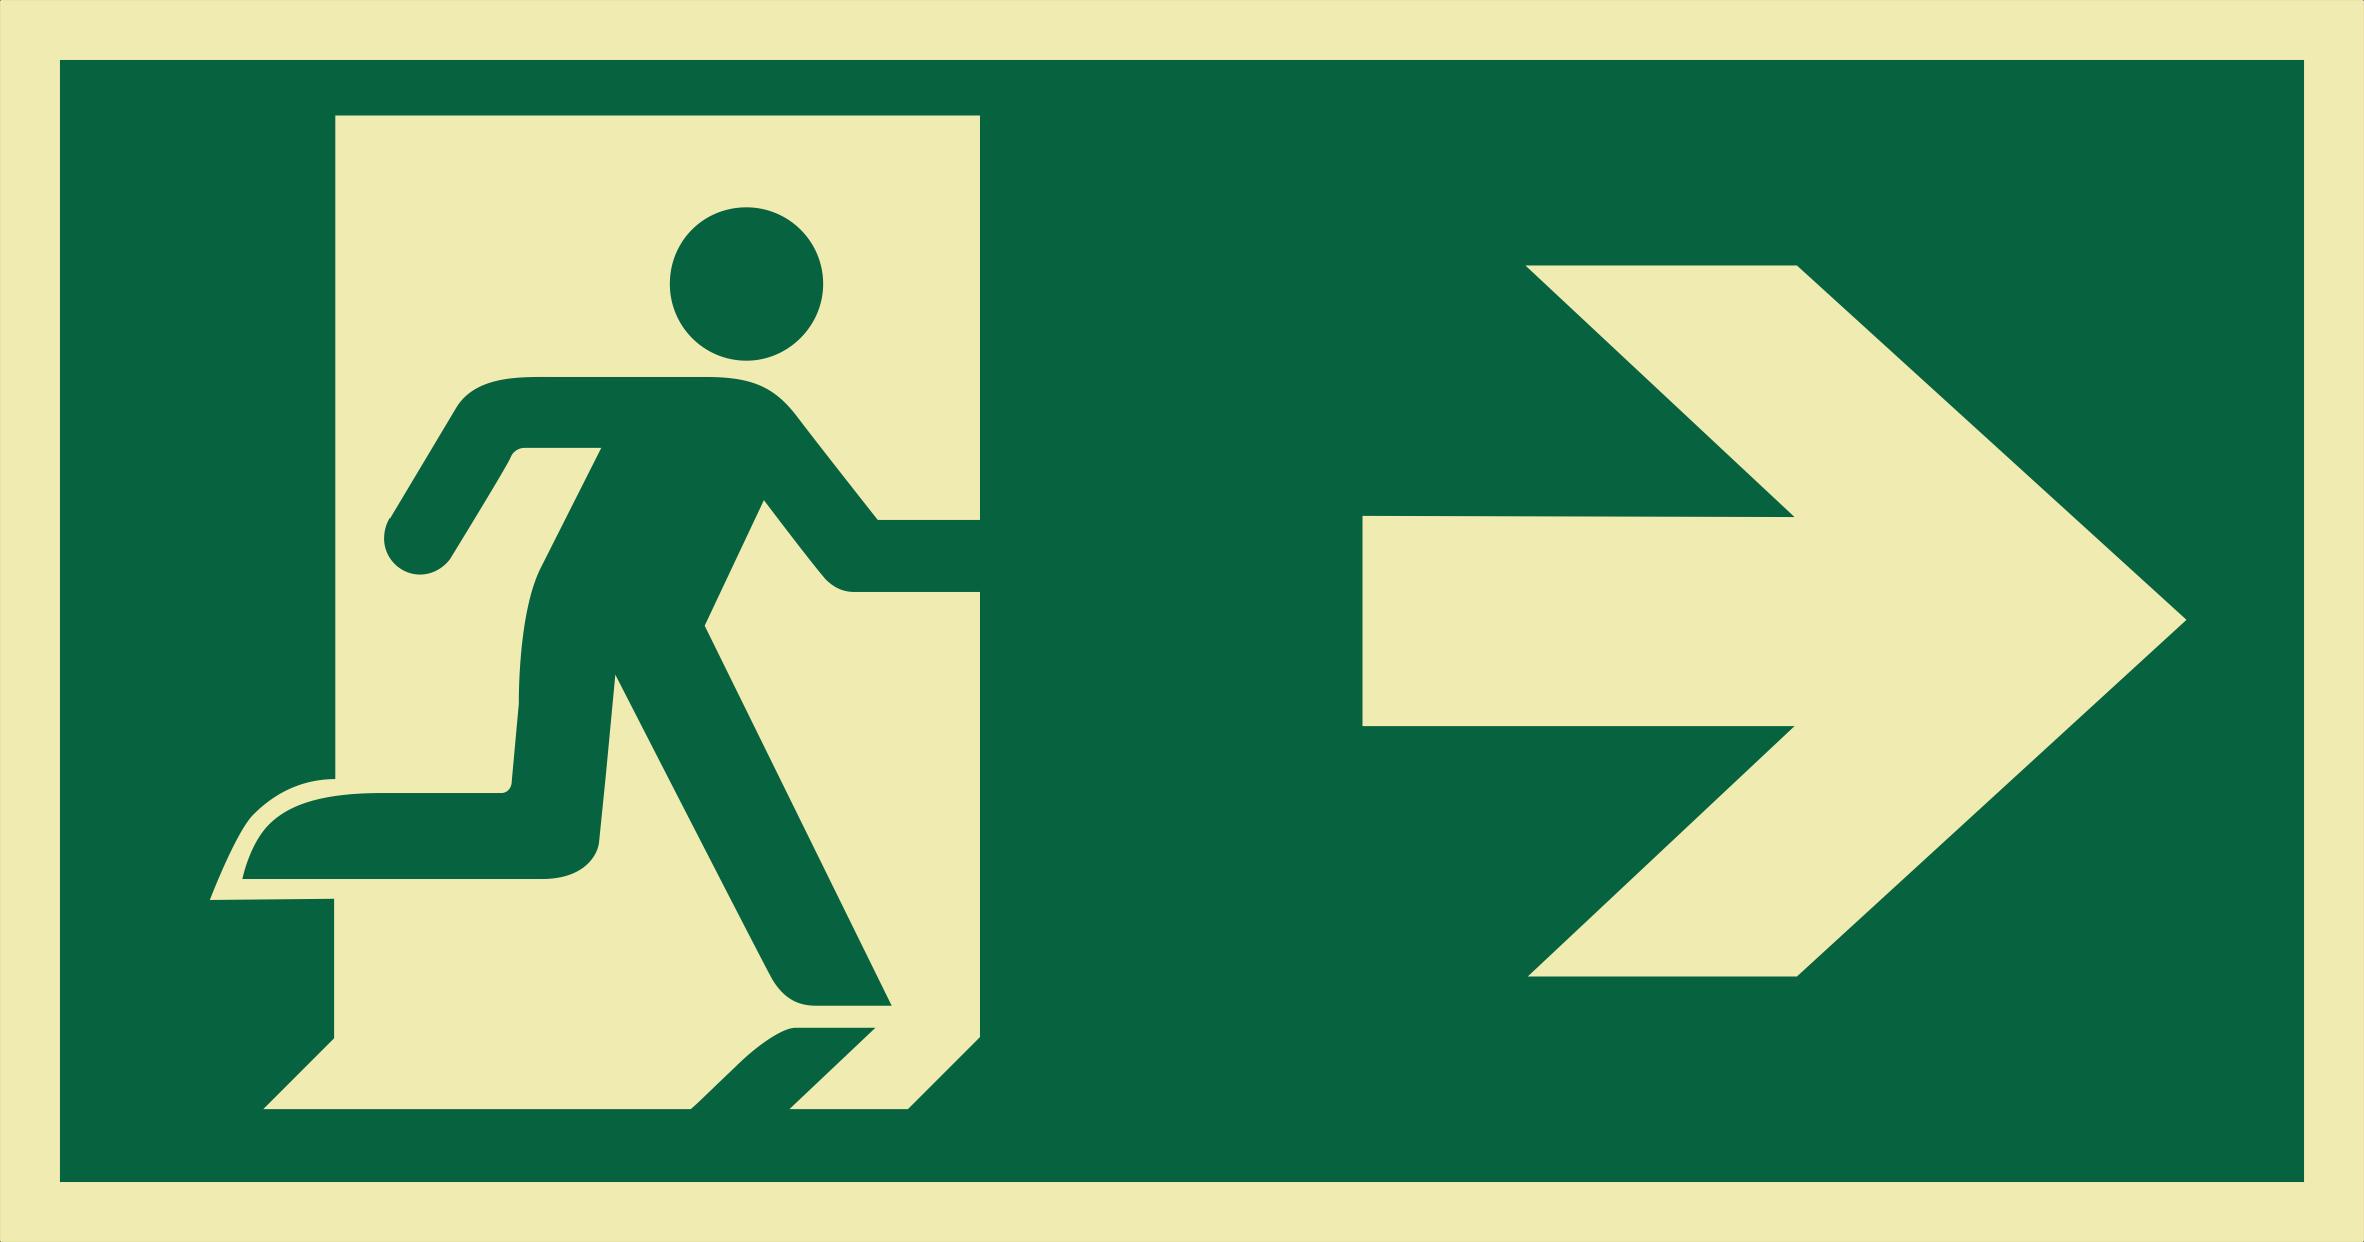 ecf7b37ce5571 Pictogramas na sinalização de segurança - ADVComm